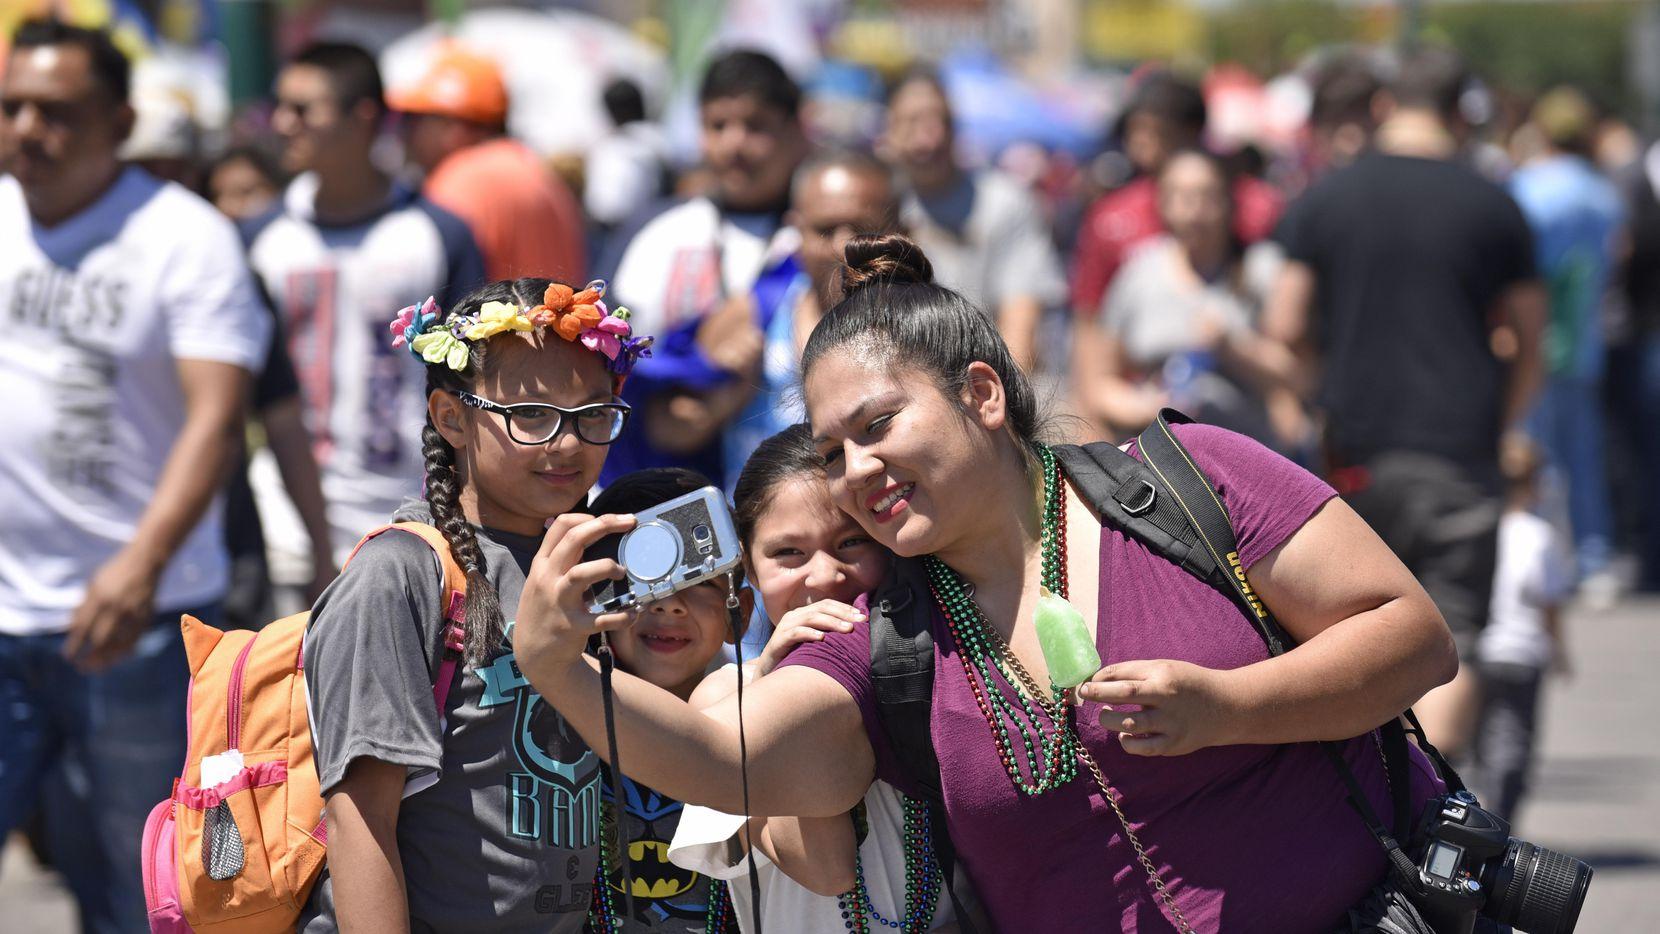 La presencia de los hispanos ya no es novedad en cualquier manifestación cultural. En el 2022 serán mayoría en Texas. (DMN/BEN TORRES)